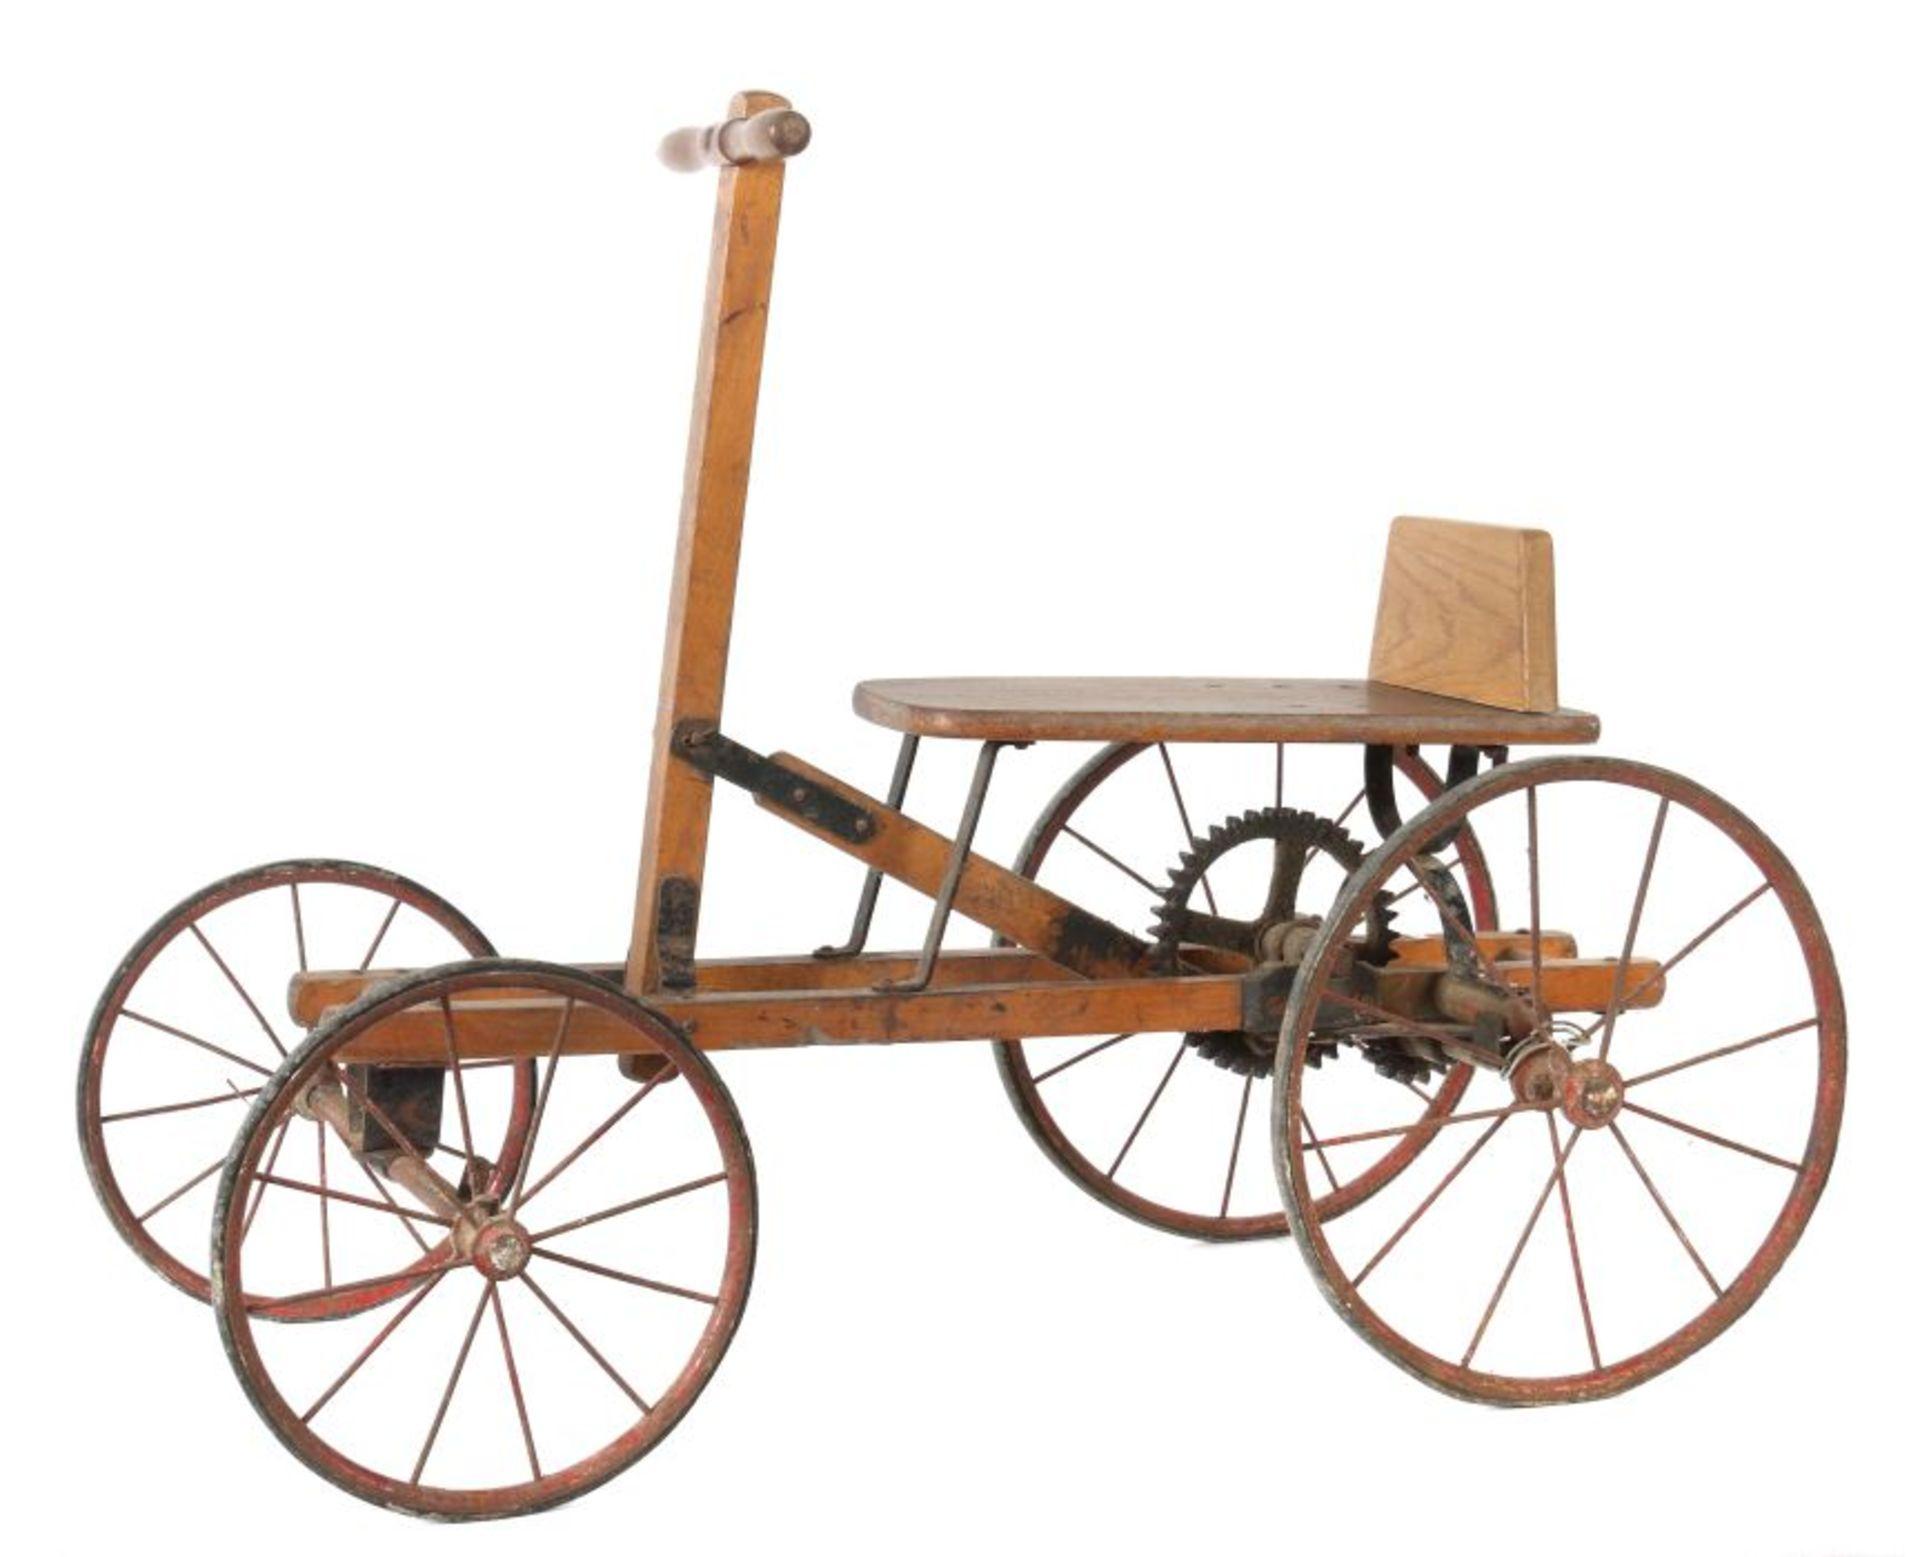 Holländer Kinderfahrzeug wohl Fa. Naether/Zeitz, um 1920, Holzkonstruktion, Reste blauer